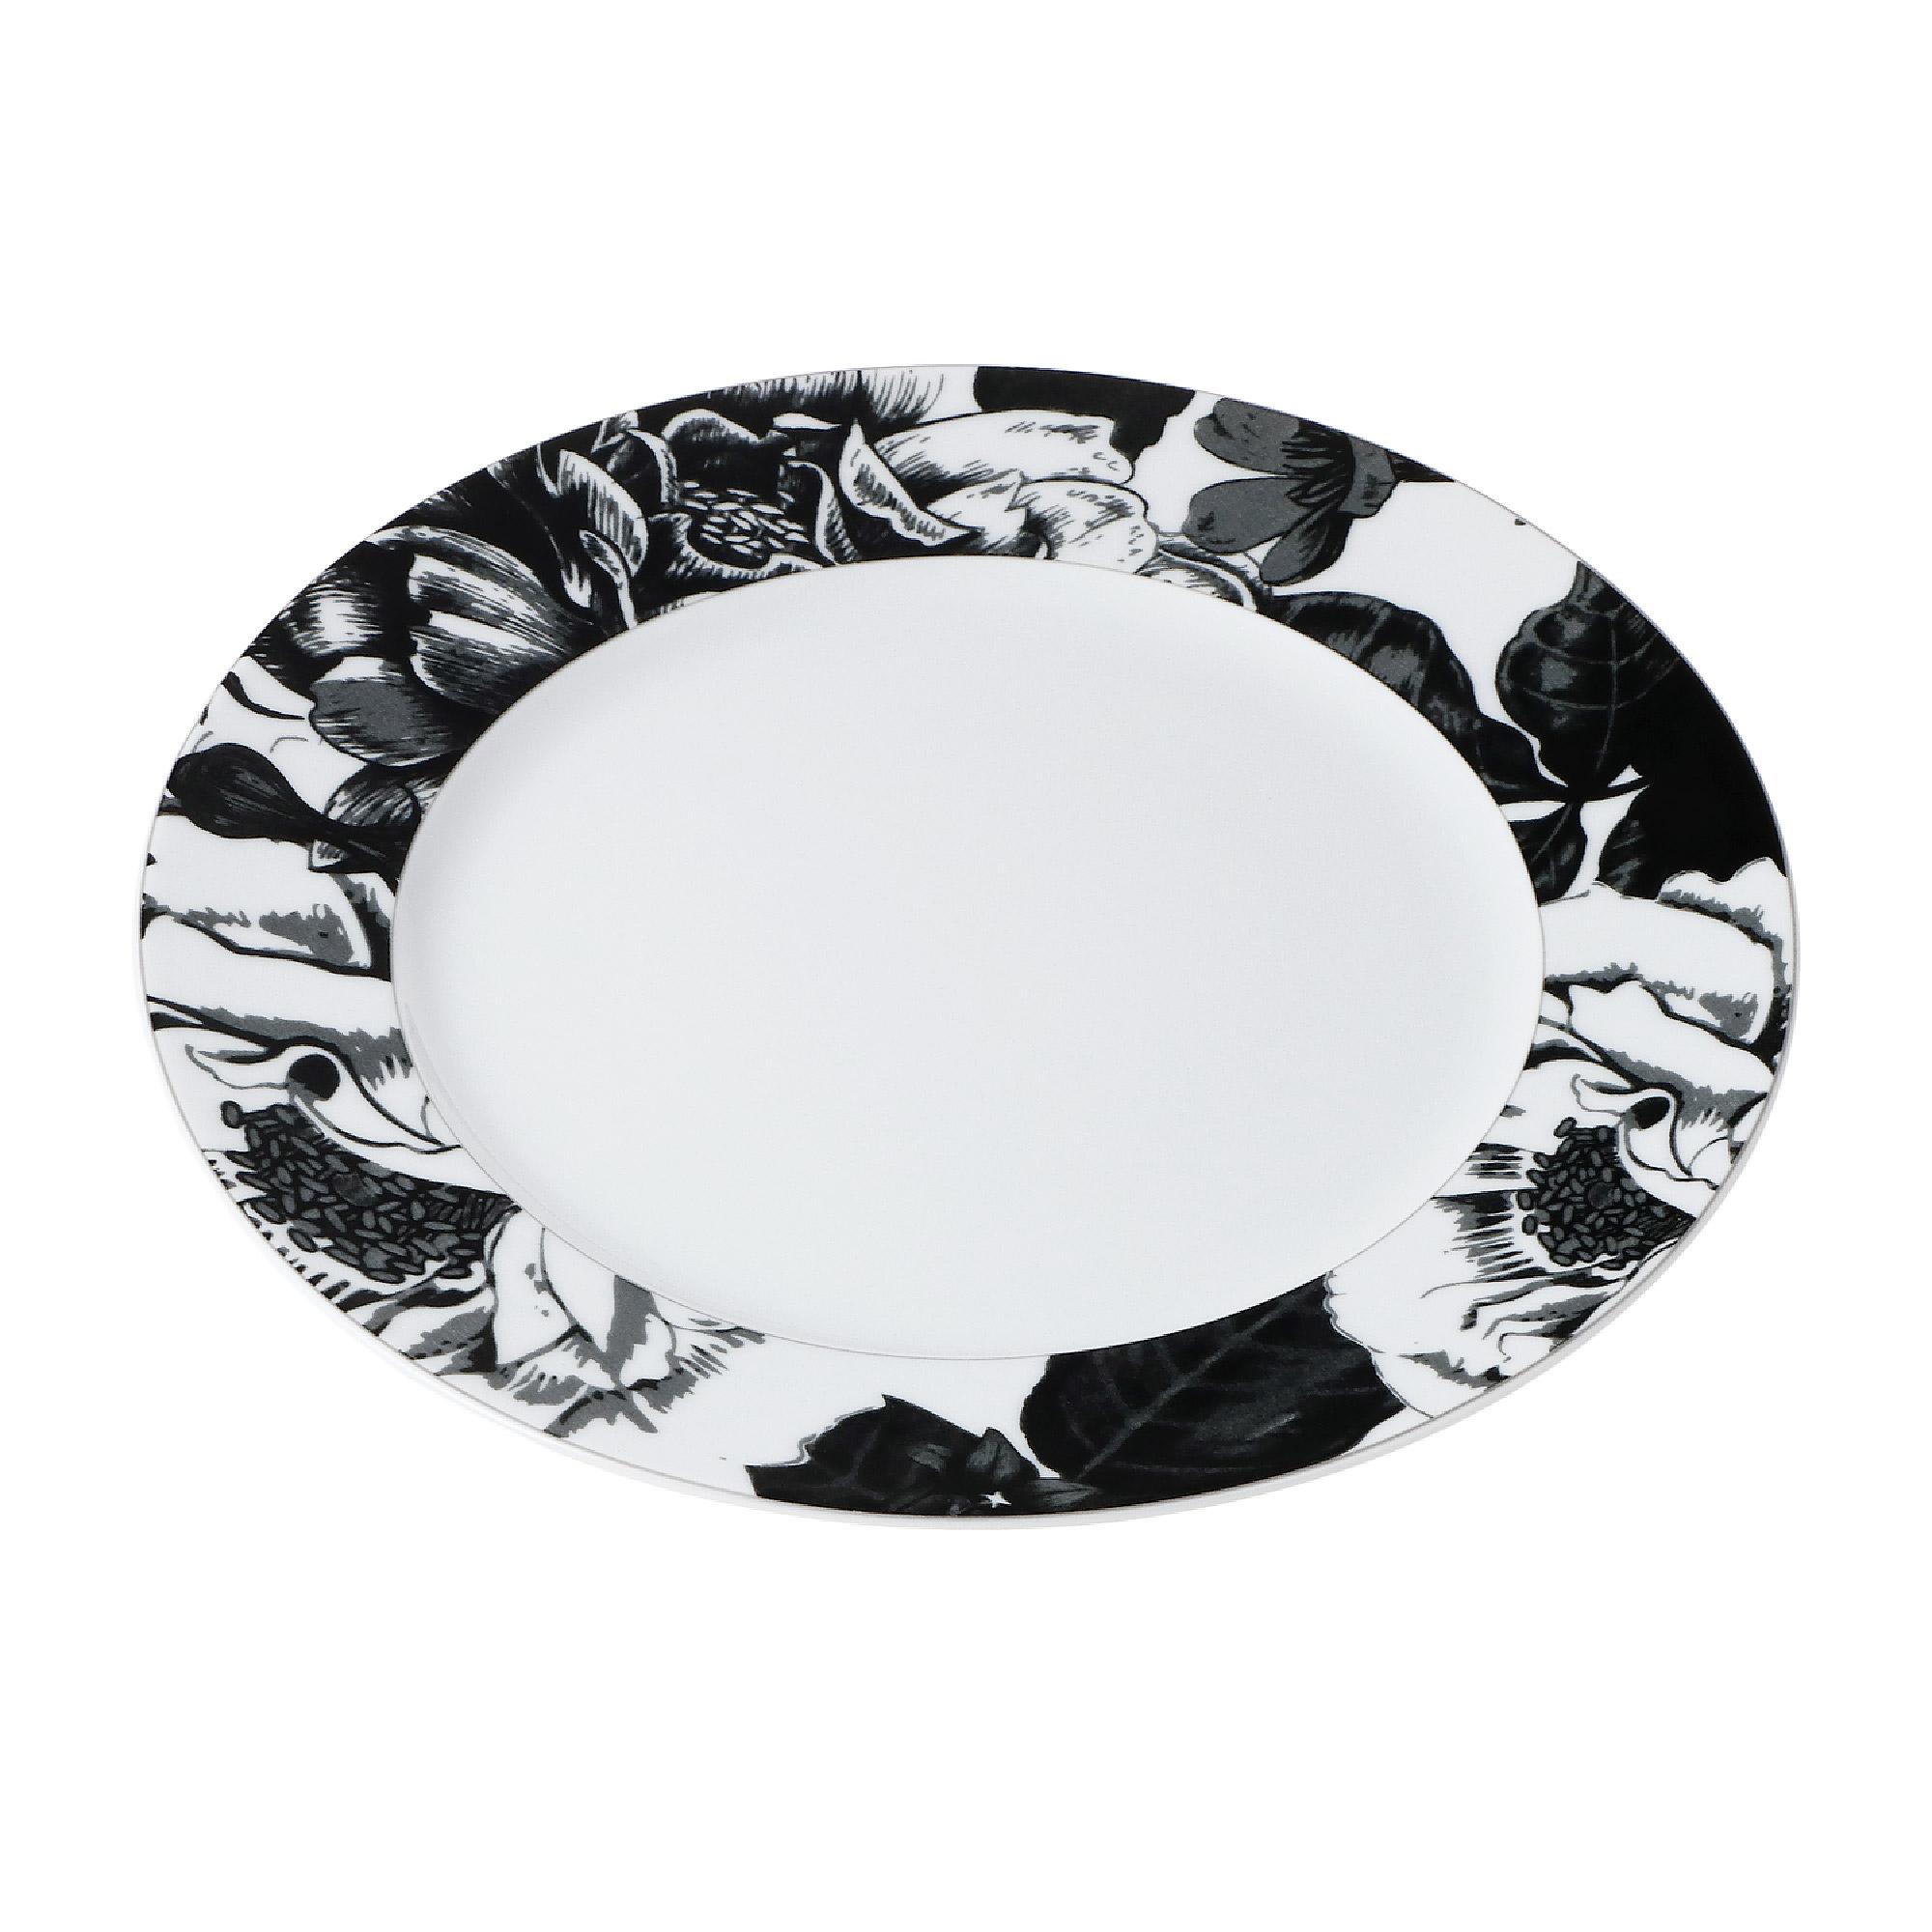 Тарелка Yves de la Rosiere обеденная Черный Базилик 27 см тарелка плоская yves de la rosiere cocooning 27 см